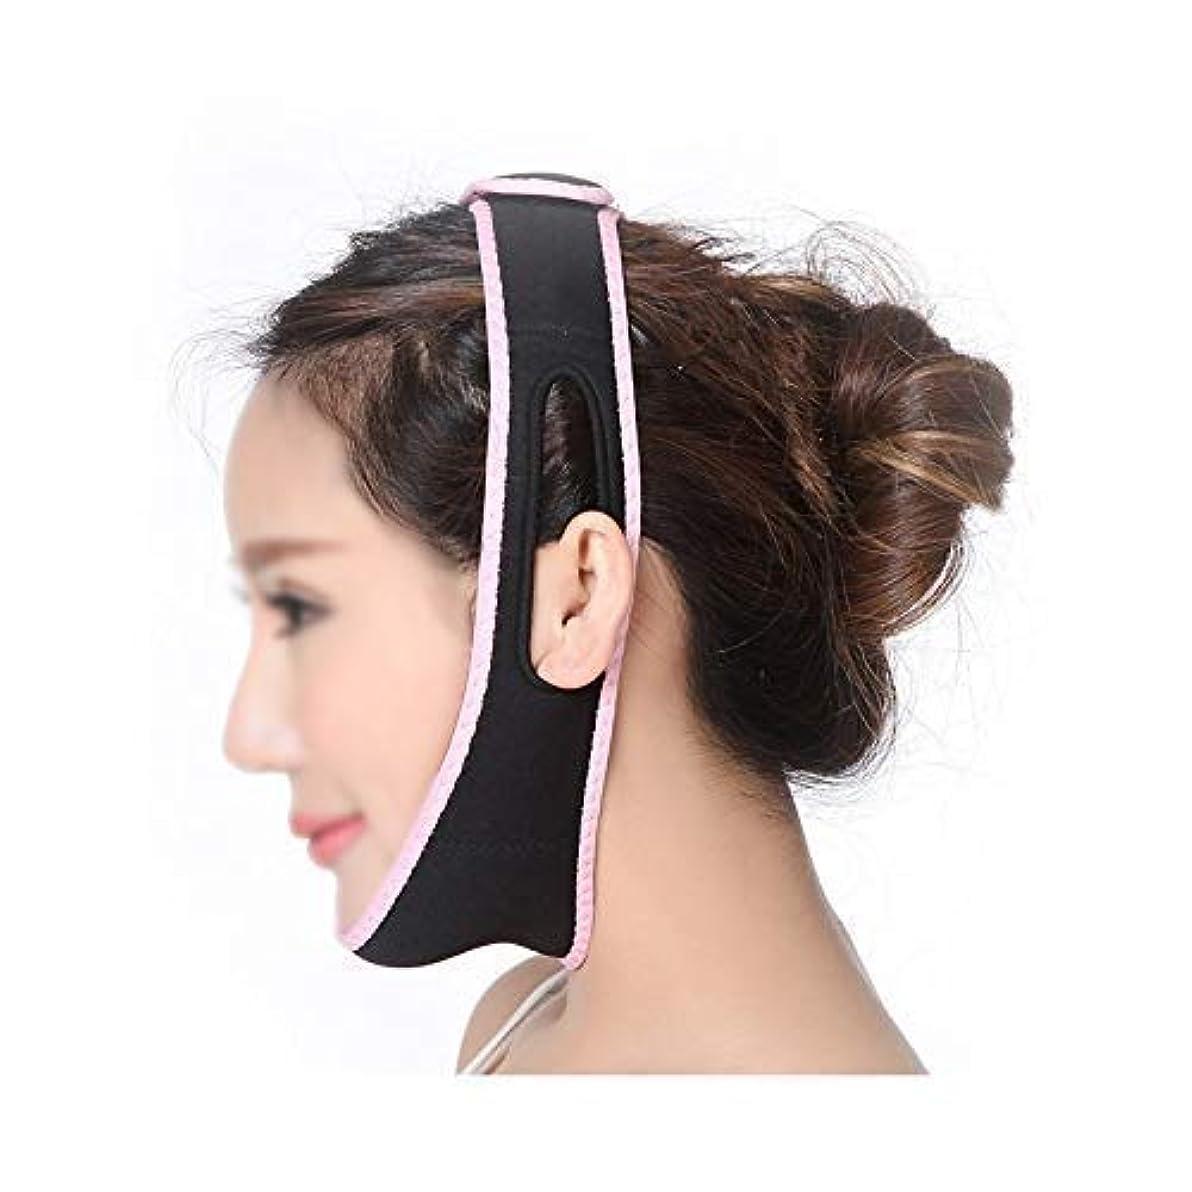 高度な膜コロニーファーミングフェイスマスク、フェイスリフトフェイシャルシンフェイスアーティファクトスリープ付き3DシンフェイスシンフェイスマスクスモールVフェイスバンデージからダブルチンシンフェイスリフター引き締め包帯